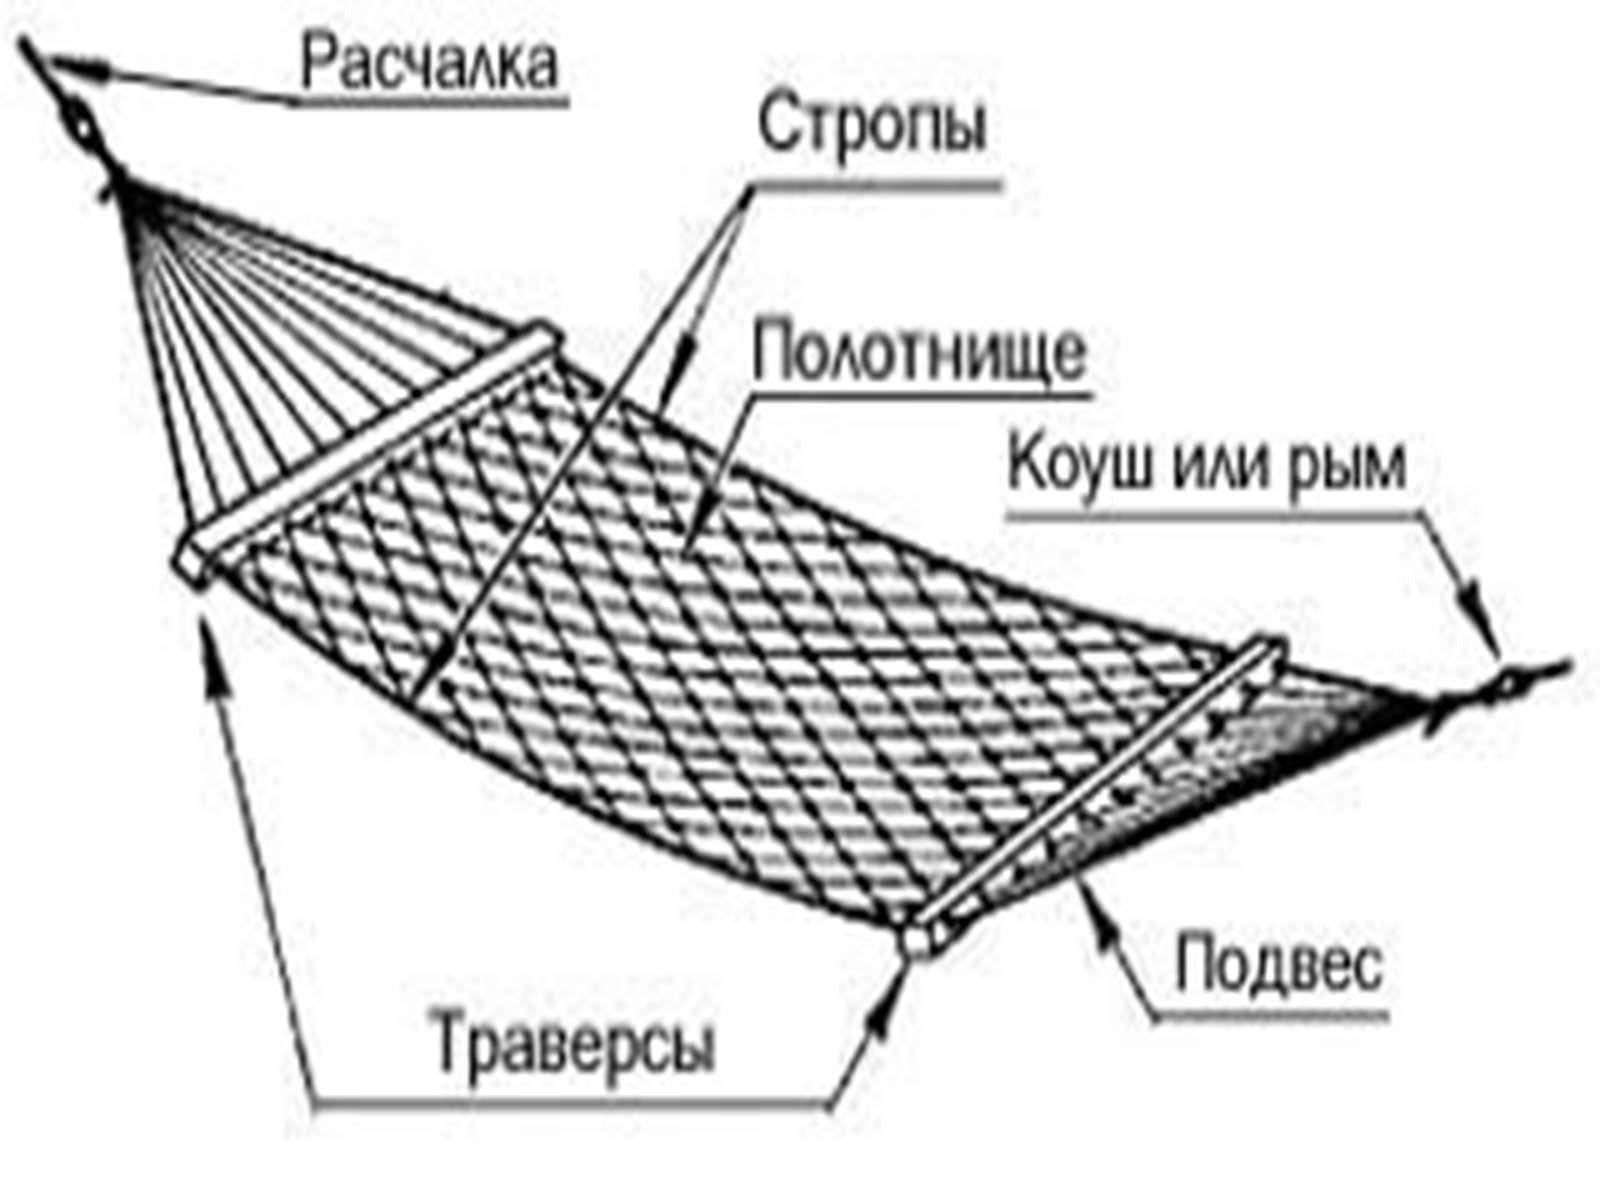 Так выглядит устройство обычного подвесного гамака